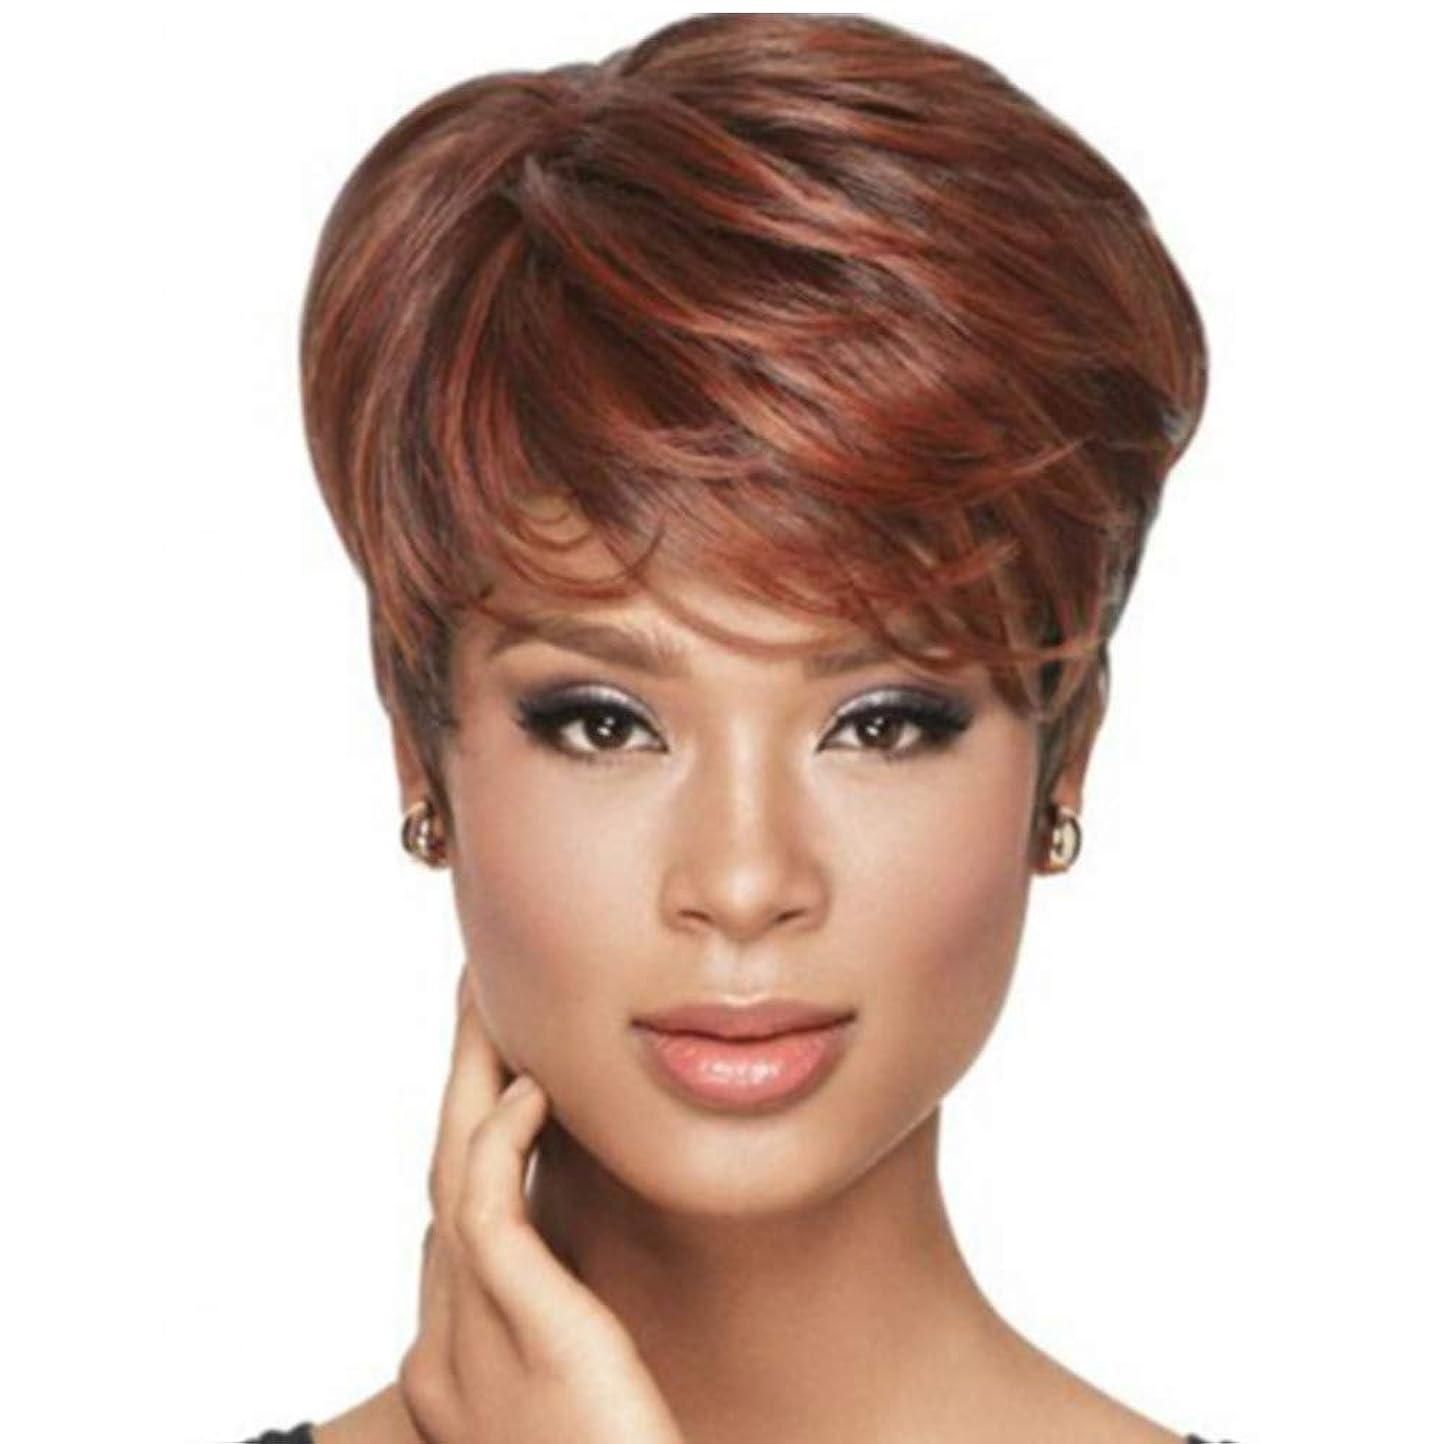 サミュエル努力するお世話になった女性合成短髪かつら180%密度毛耐熱アフロウィッグ赤褐色22cm